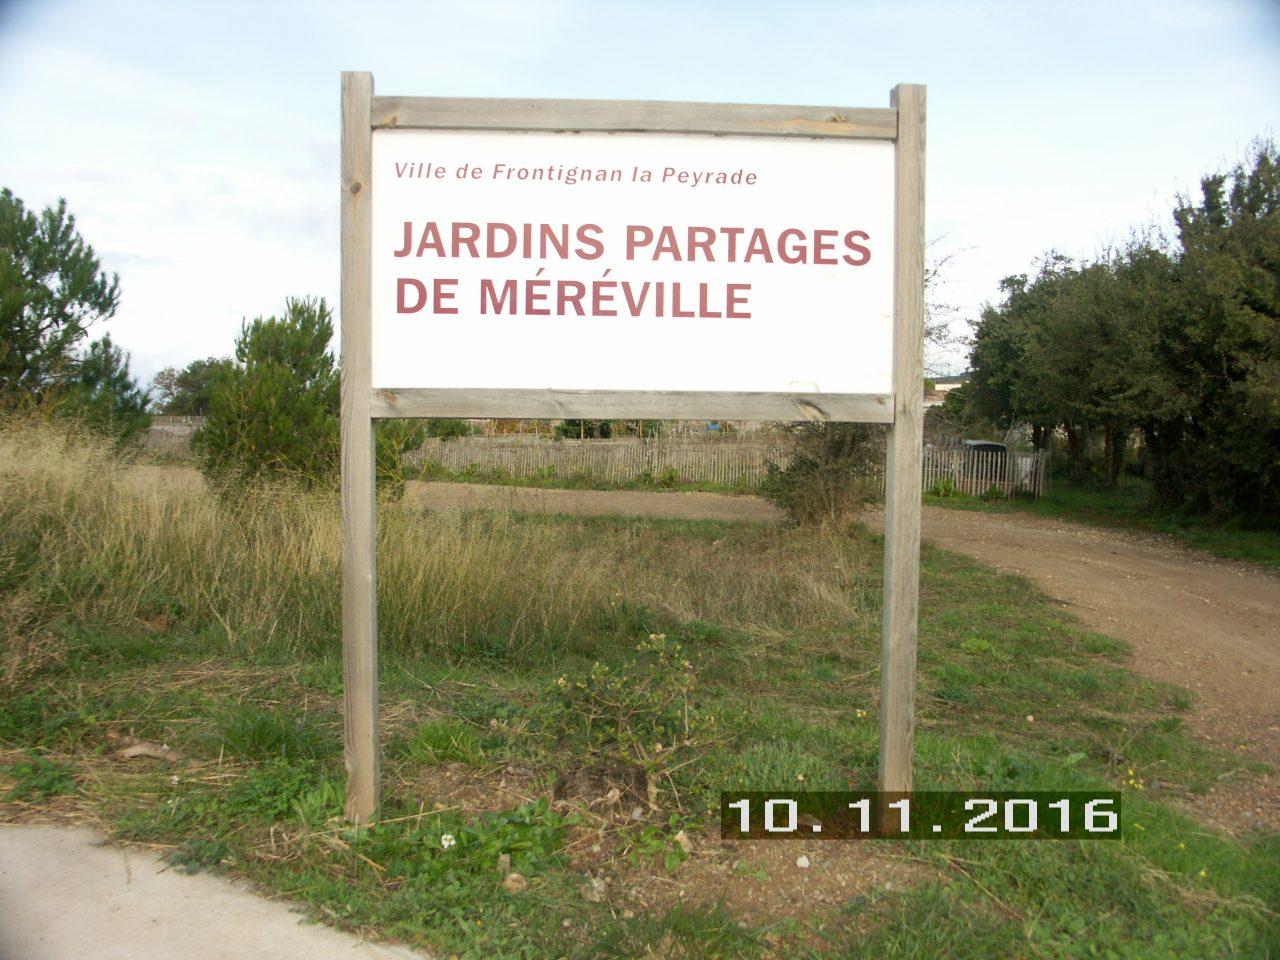 Réunion des jardiniers de Méréville dimanche 7 avril 10H30